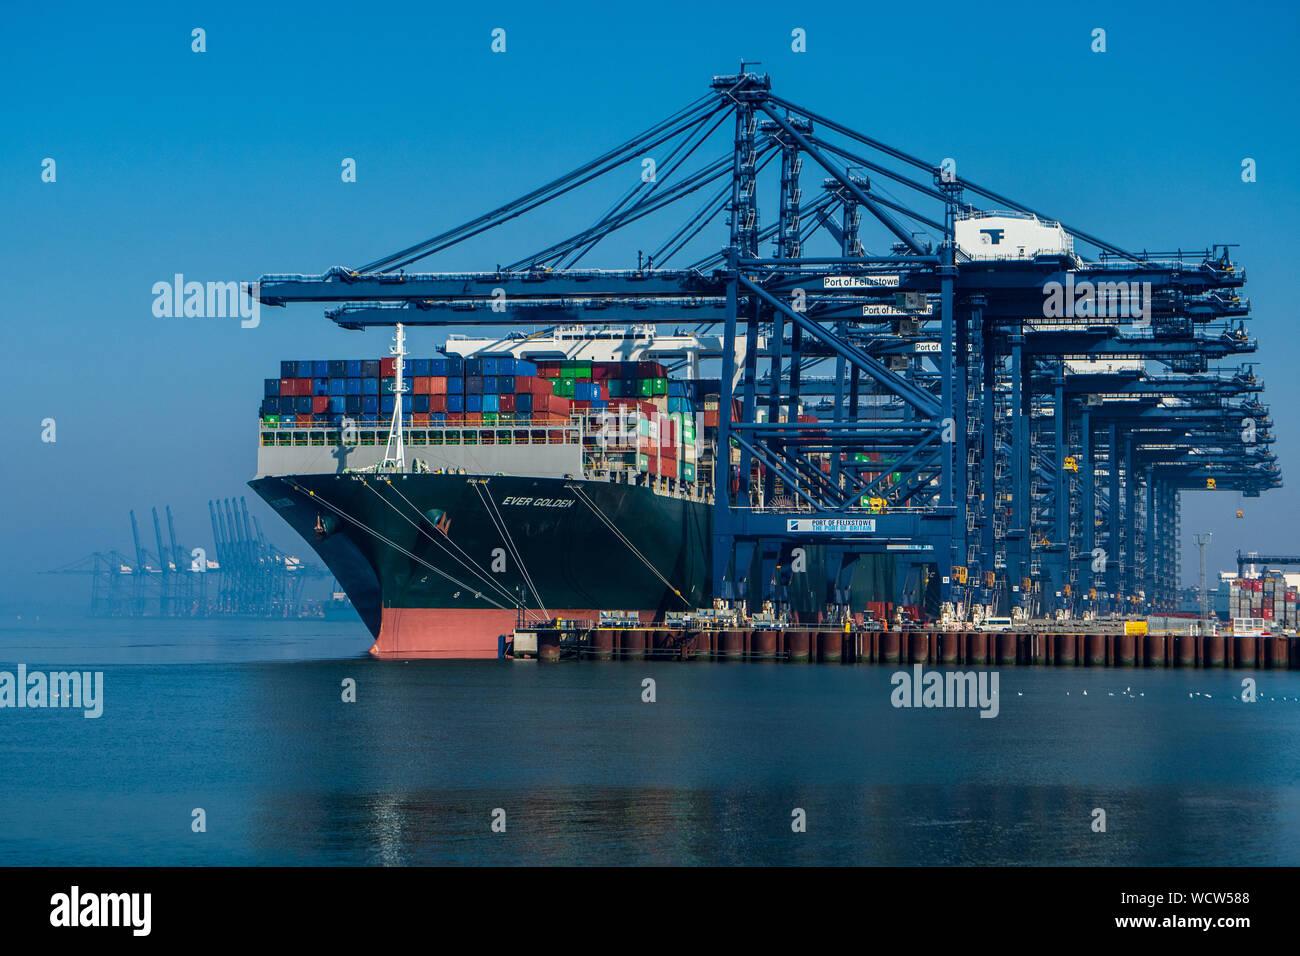 Global Britain - UK Trade au port de conteneurs de Felixstowe - le navire à conteneurs d'or décharge toujours des cargaisons au port de Felixstowe UK Banque D'Images